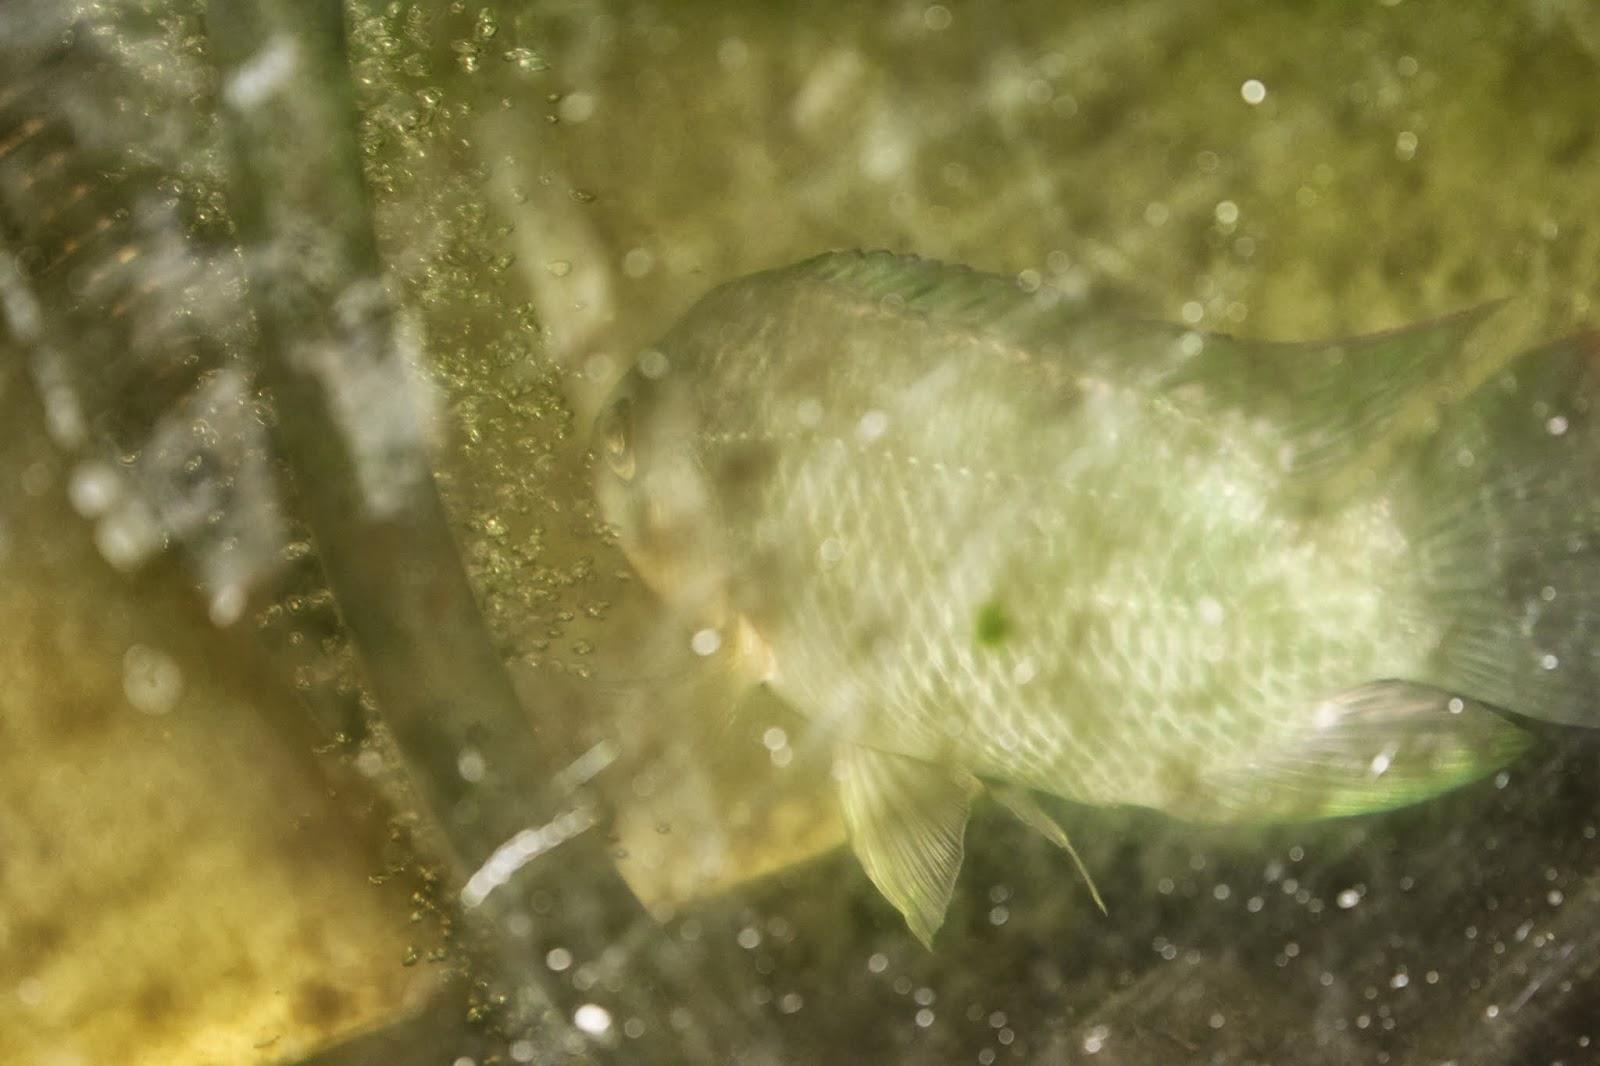 Simpson eco farms aquaponics fish crayfish snails for Tilapia aquaponics